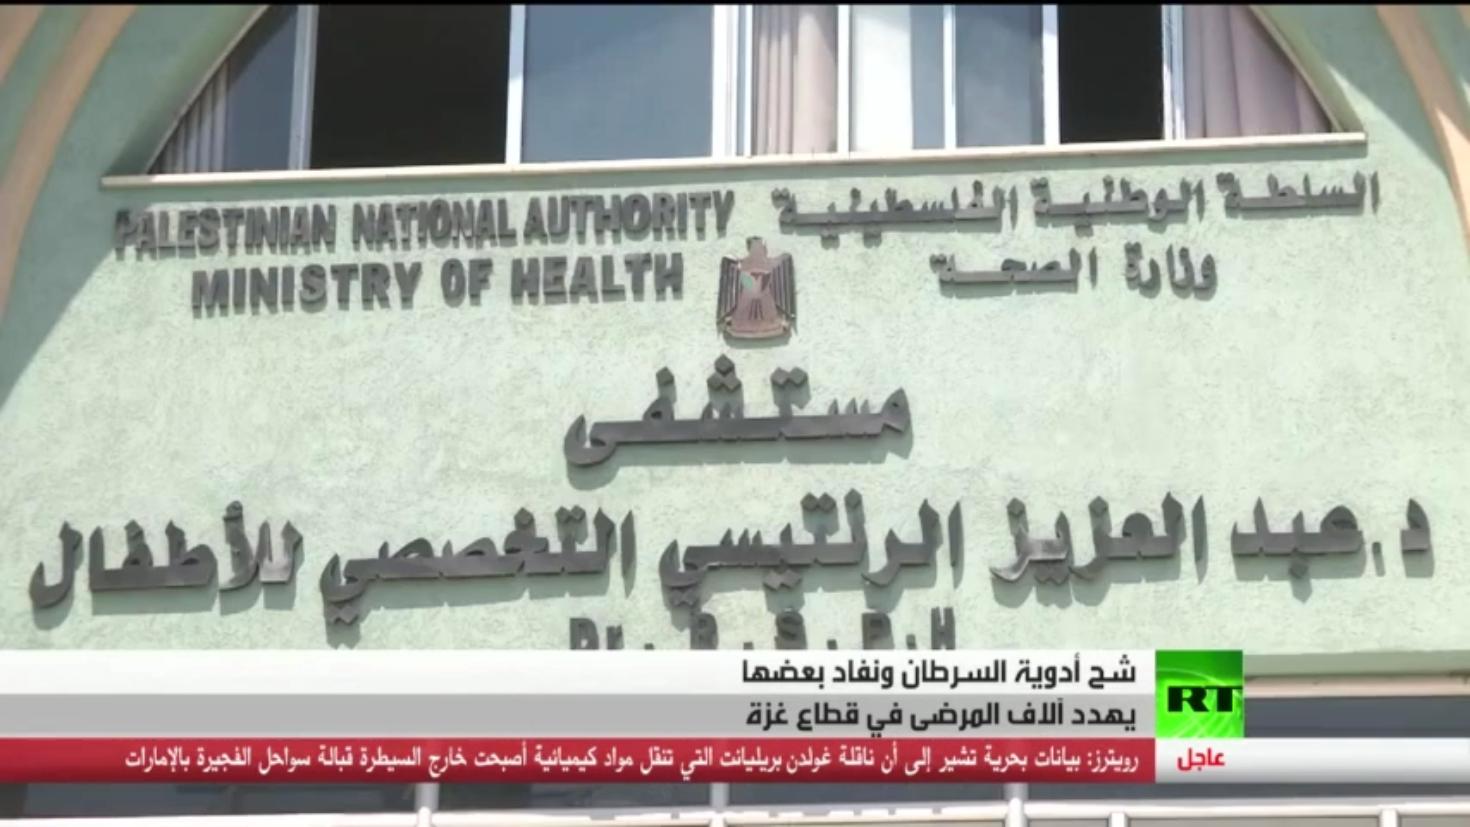 وزارة الصحة: بعض أدوية السرطان نفدت في غزة